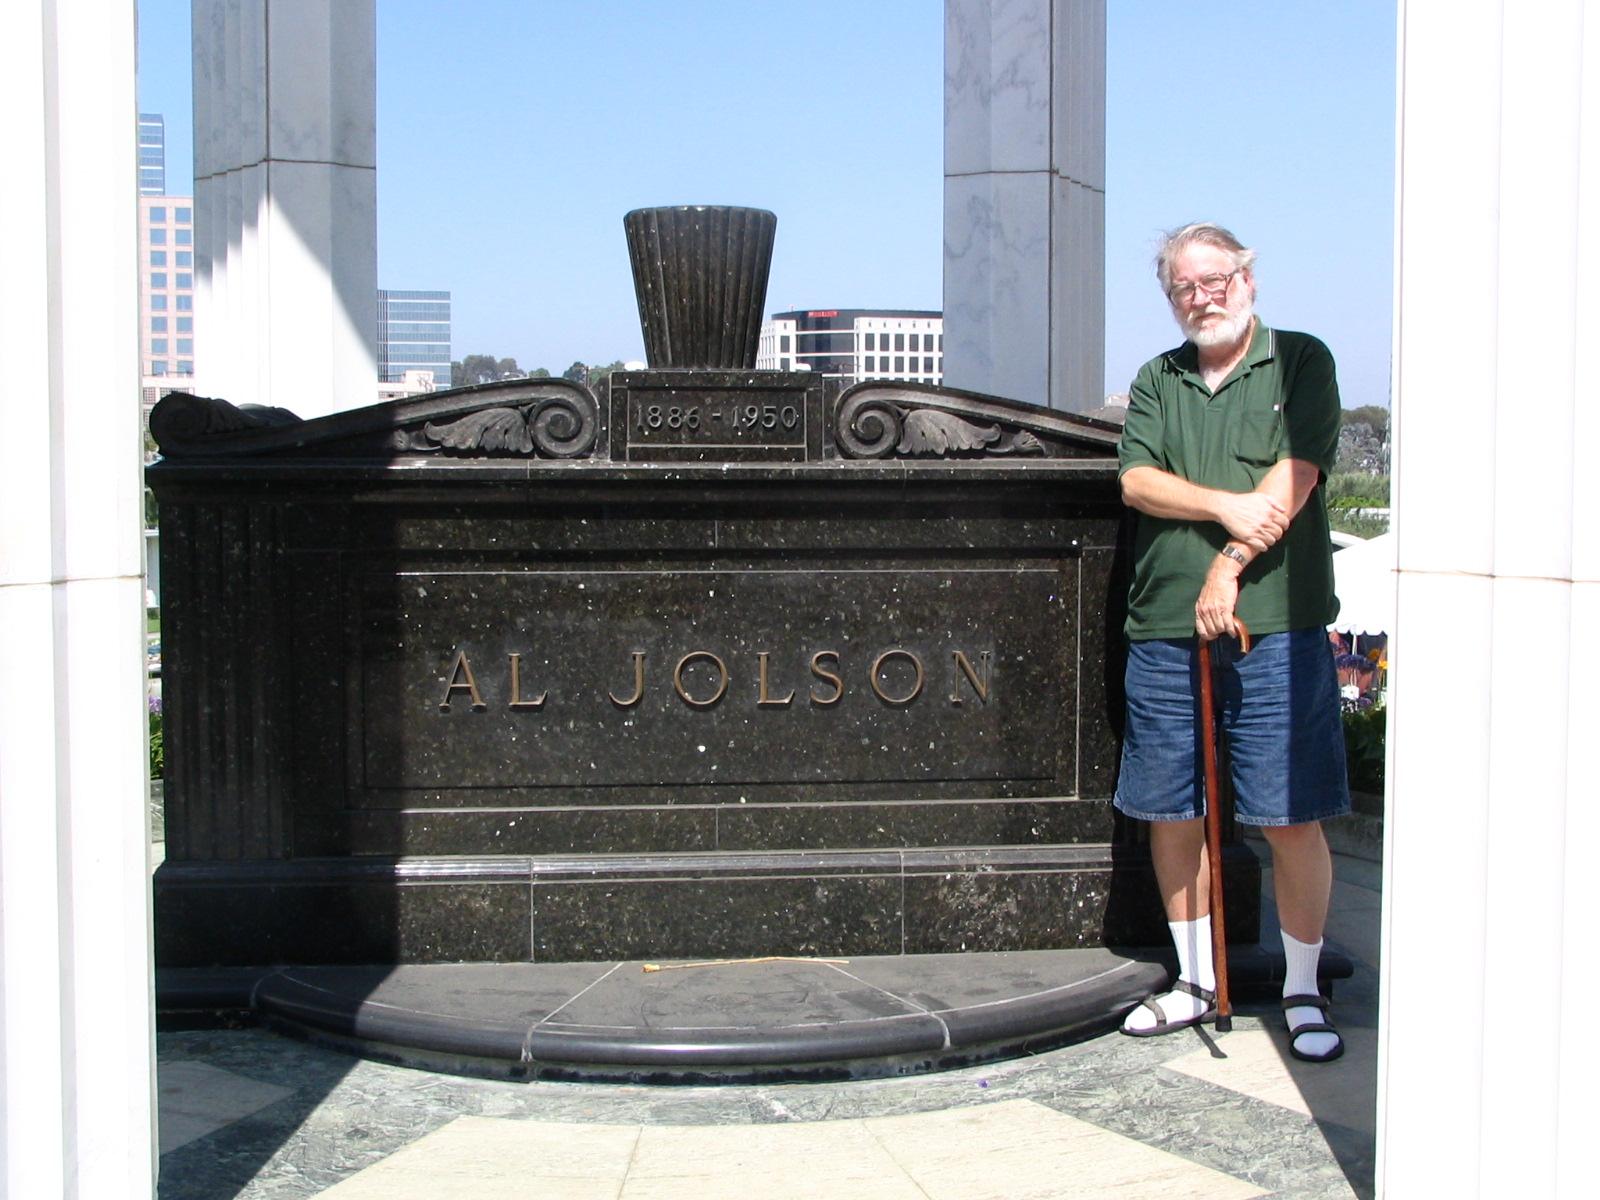 where is al jolson buried